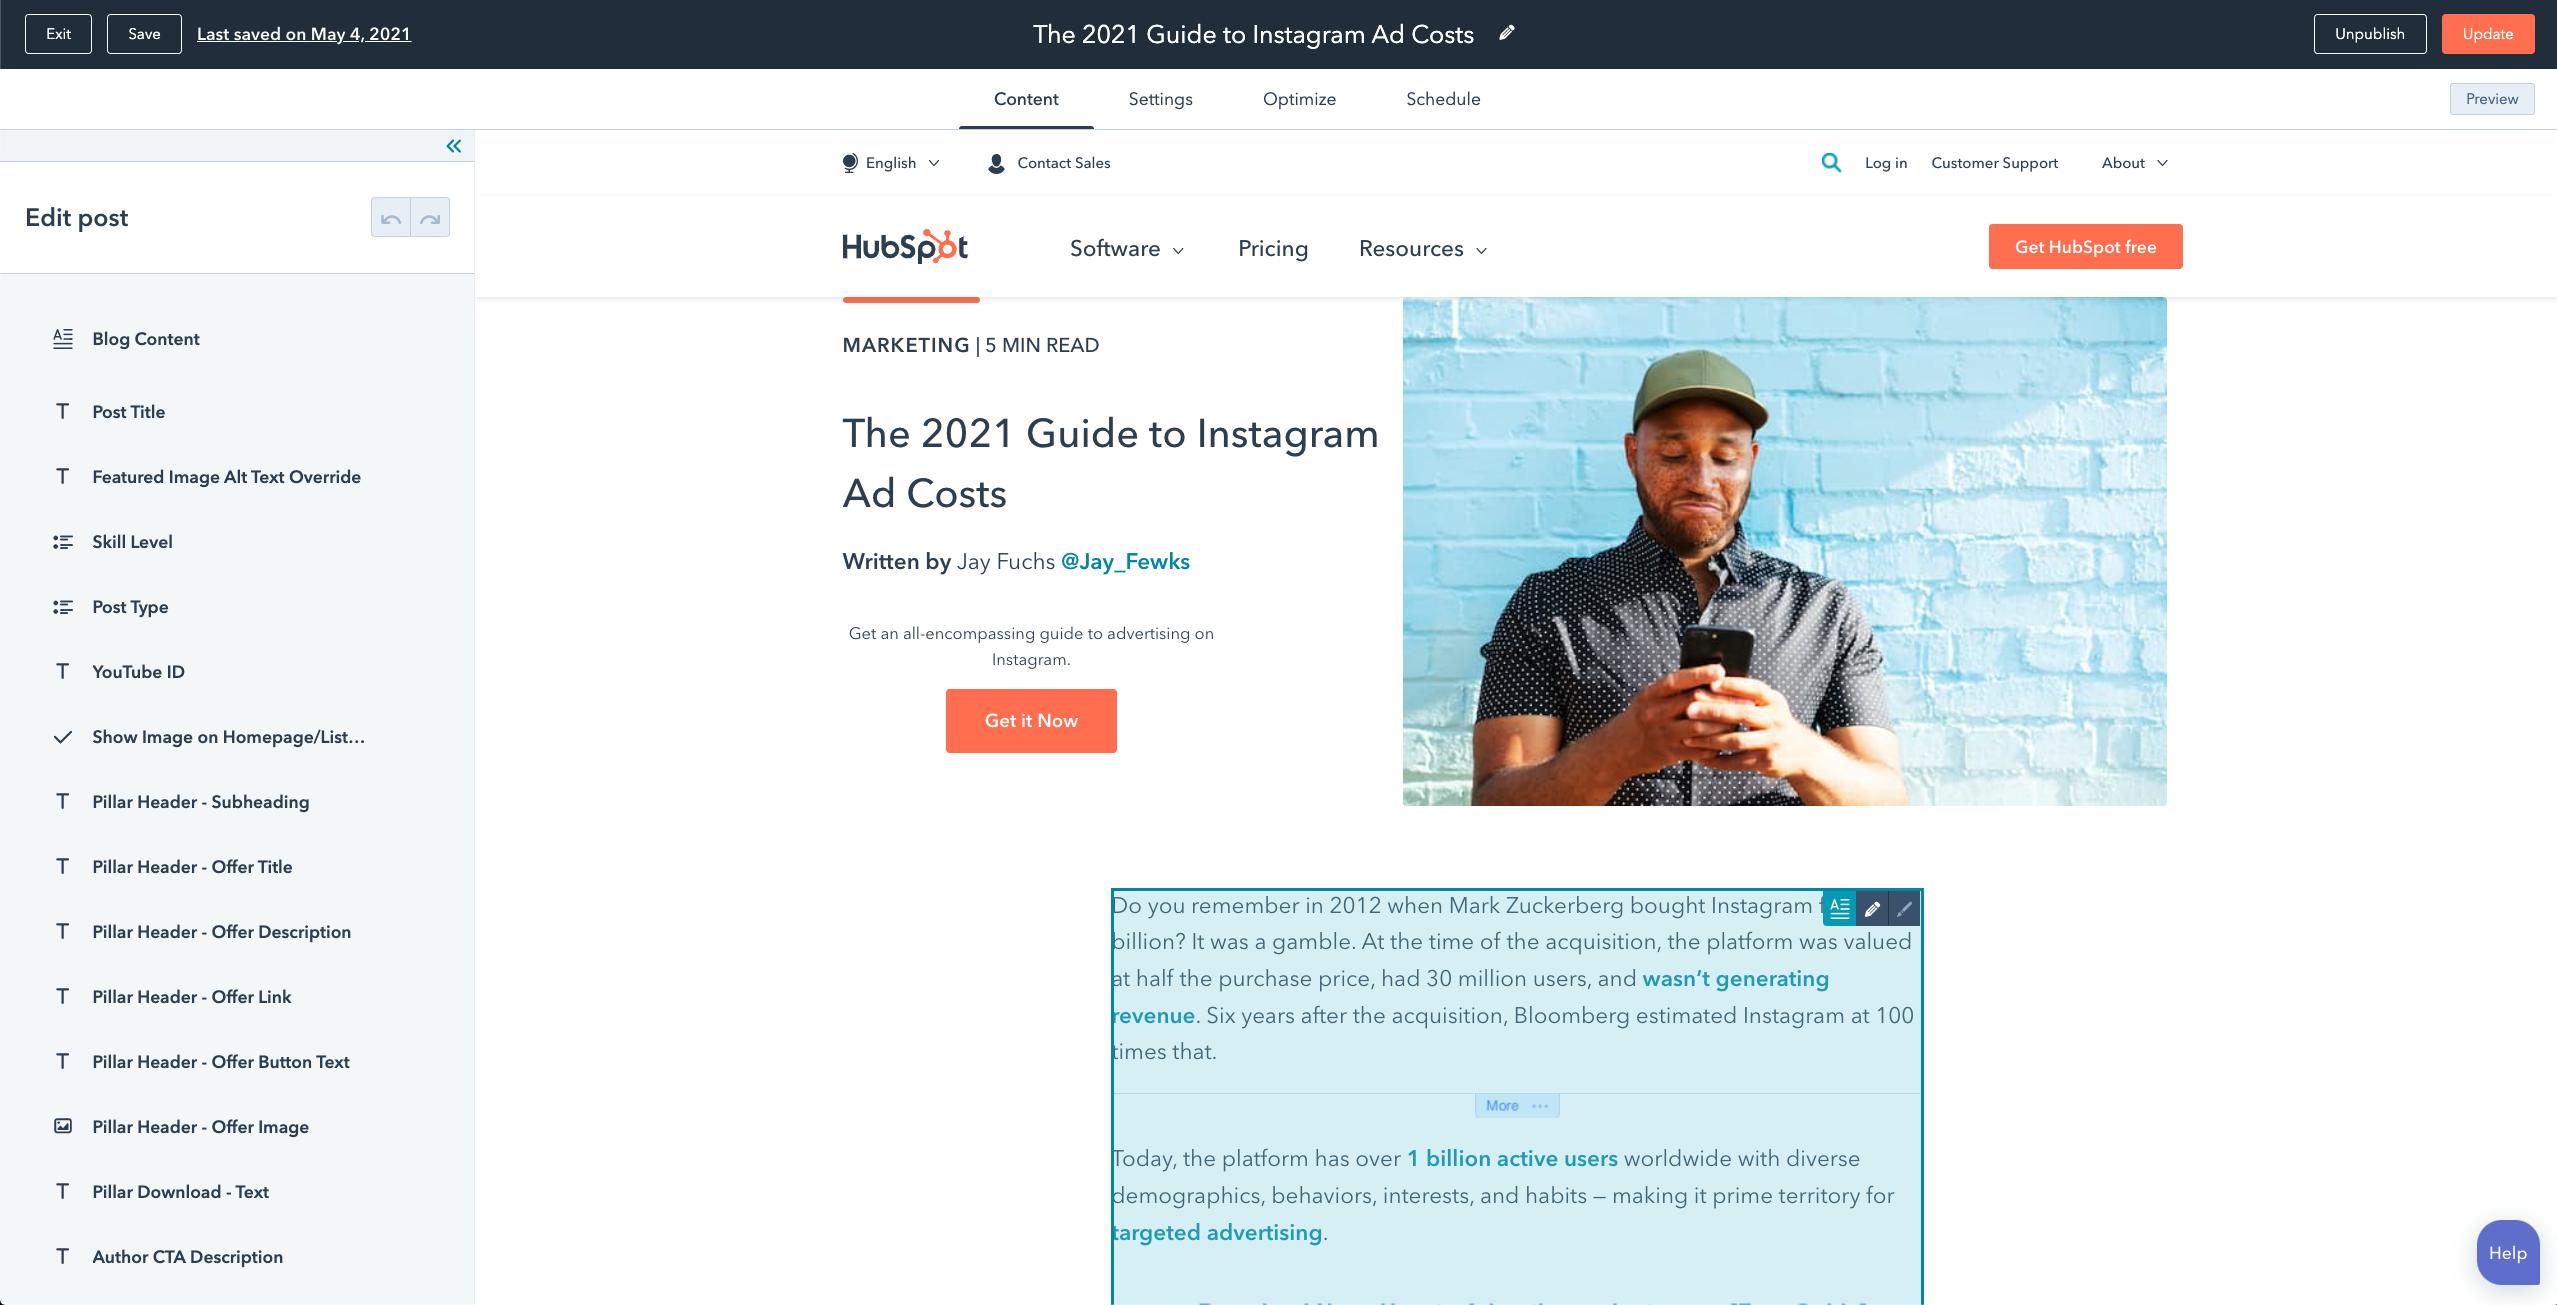 HubSpot narzędzie blogowe